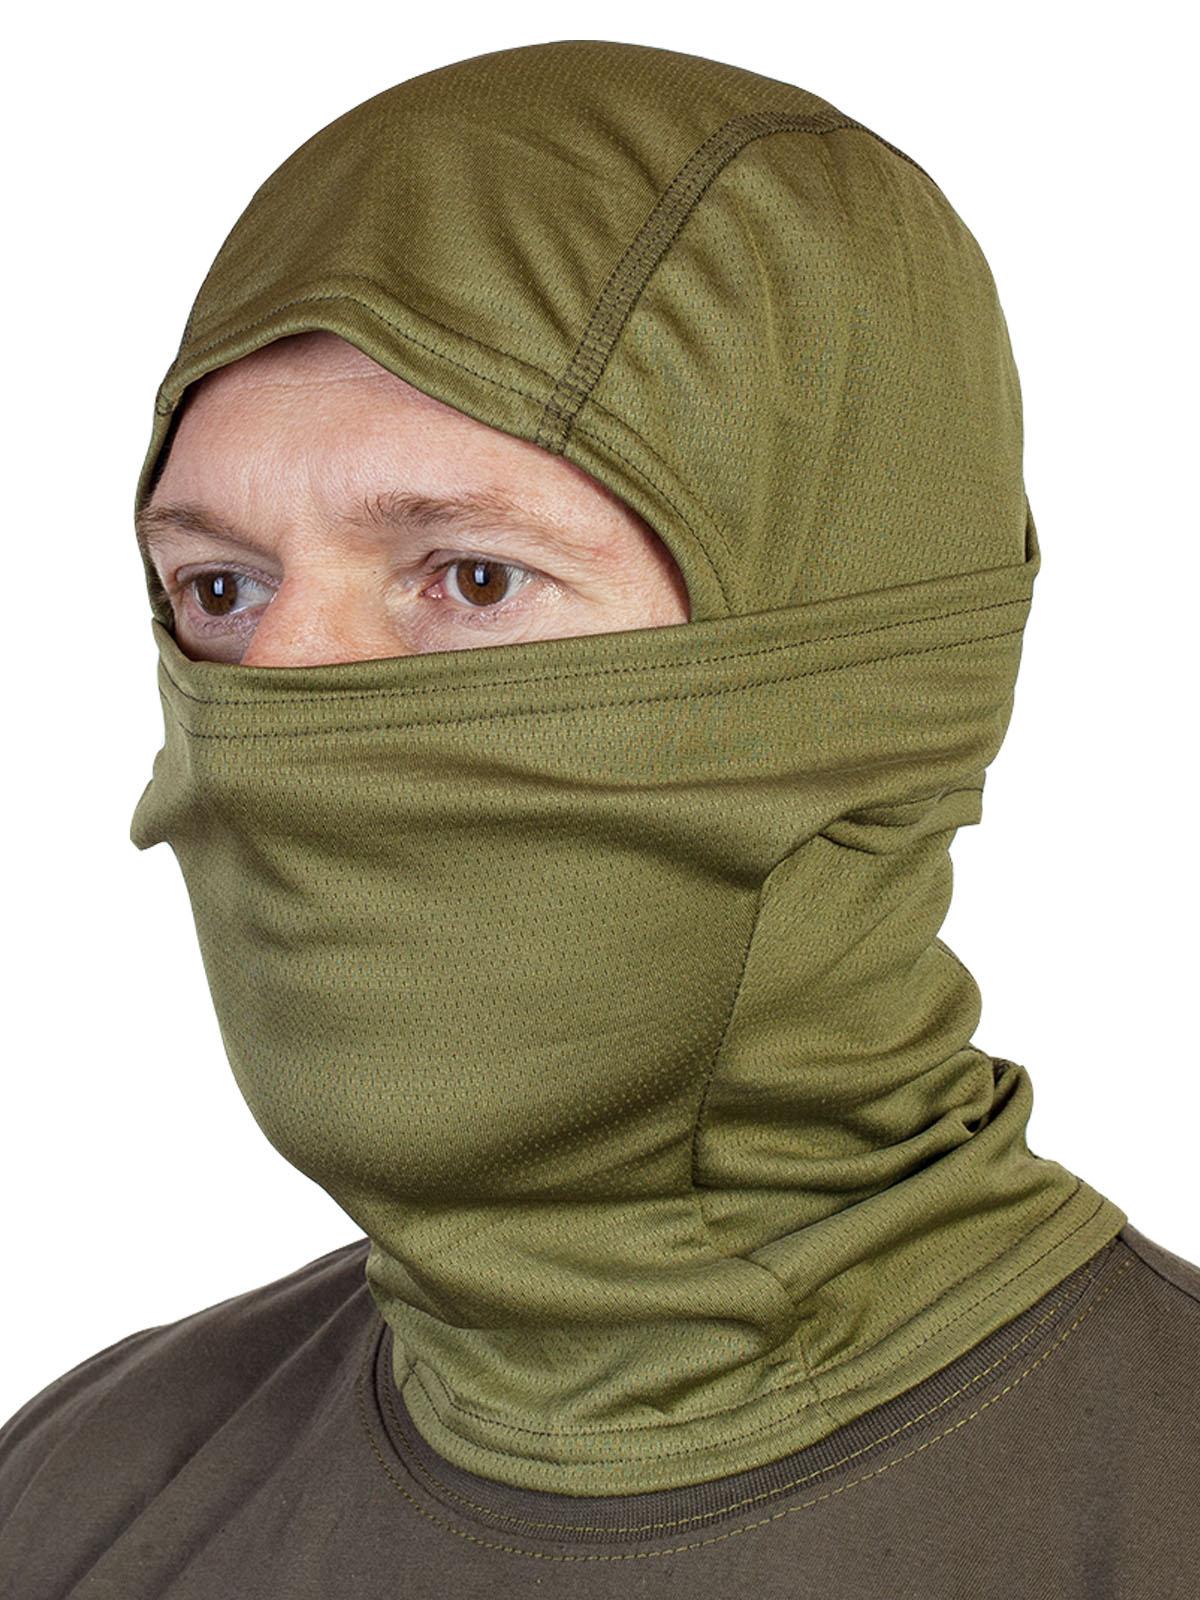 Купить военную маску балаклаву с доставкой по Москве и России